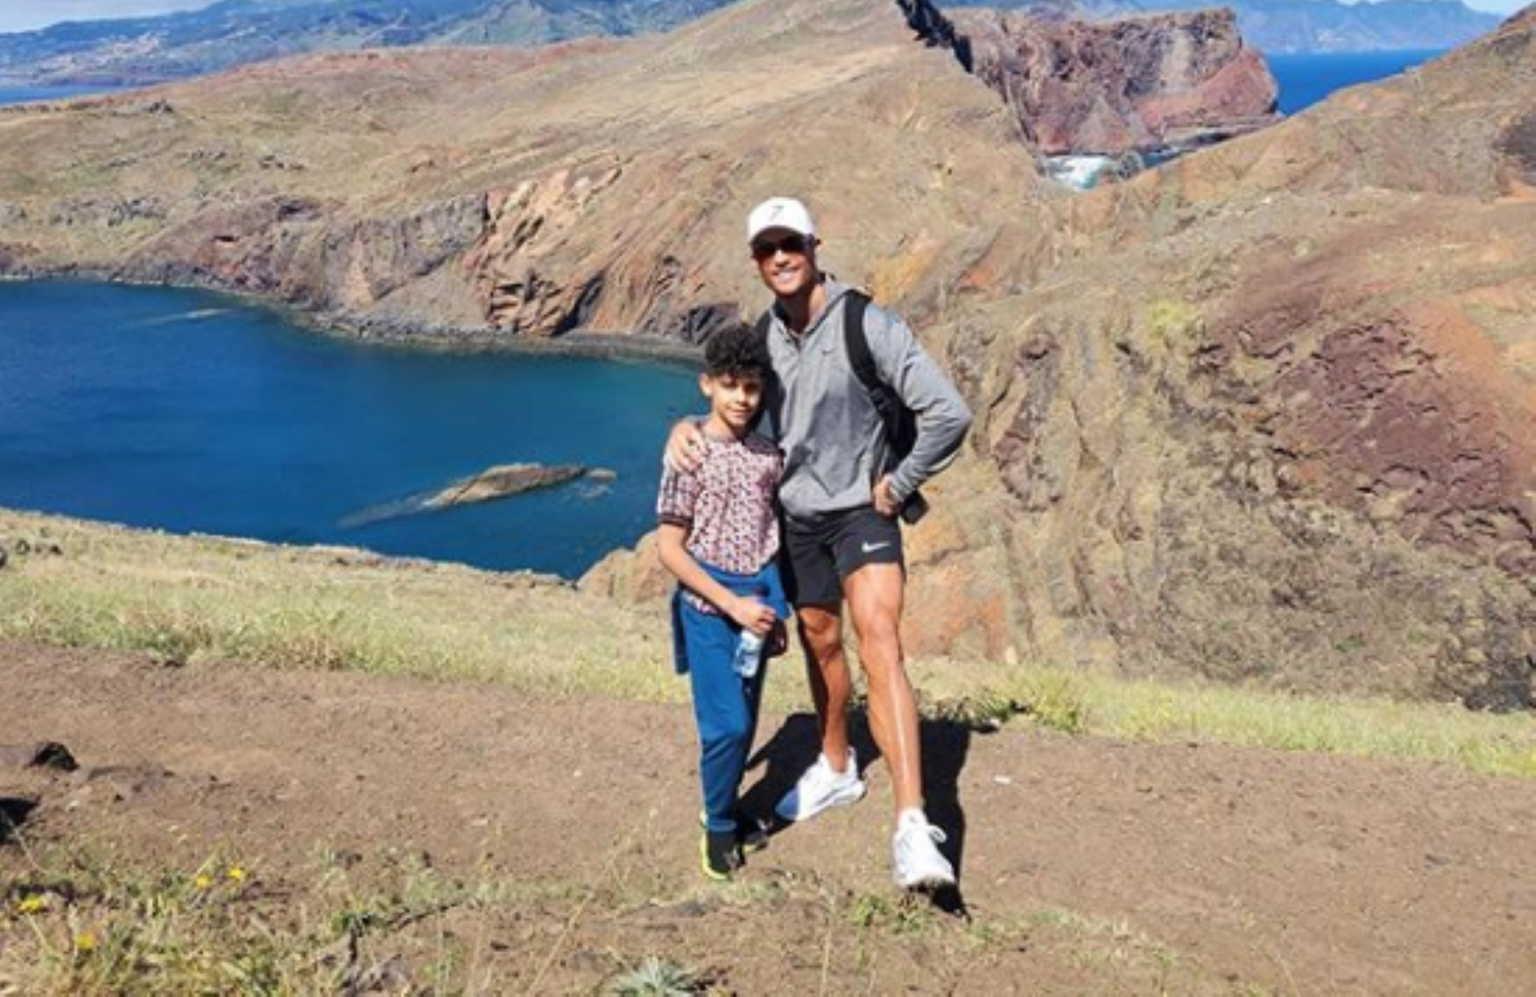 Κριστιάνο Ρονάλντο: Μπελάδες για τον 10χρονο γιο του! Η αστυνομία κάνει έρευνα